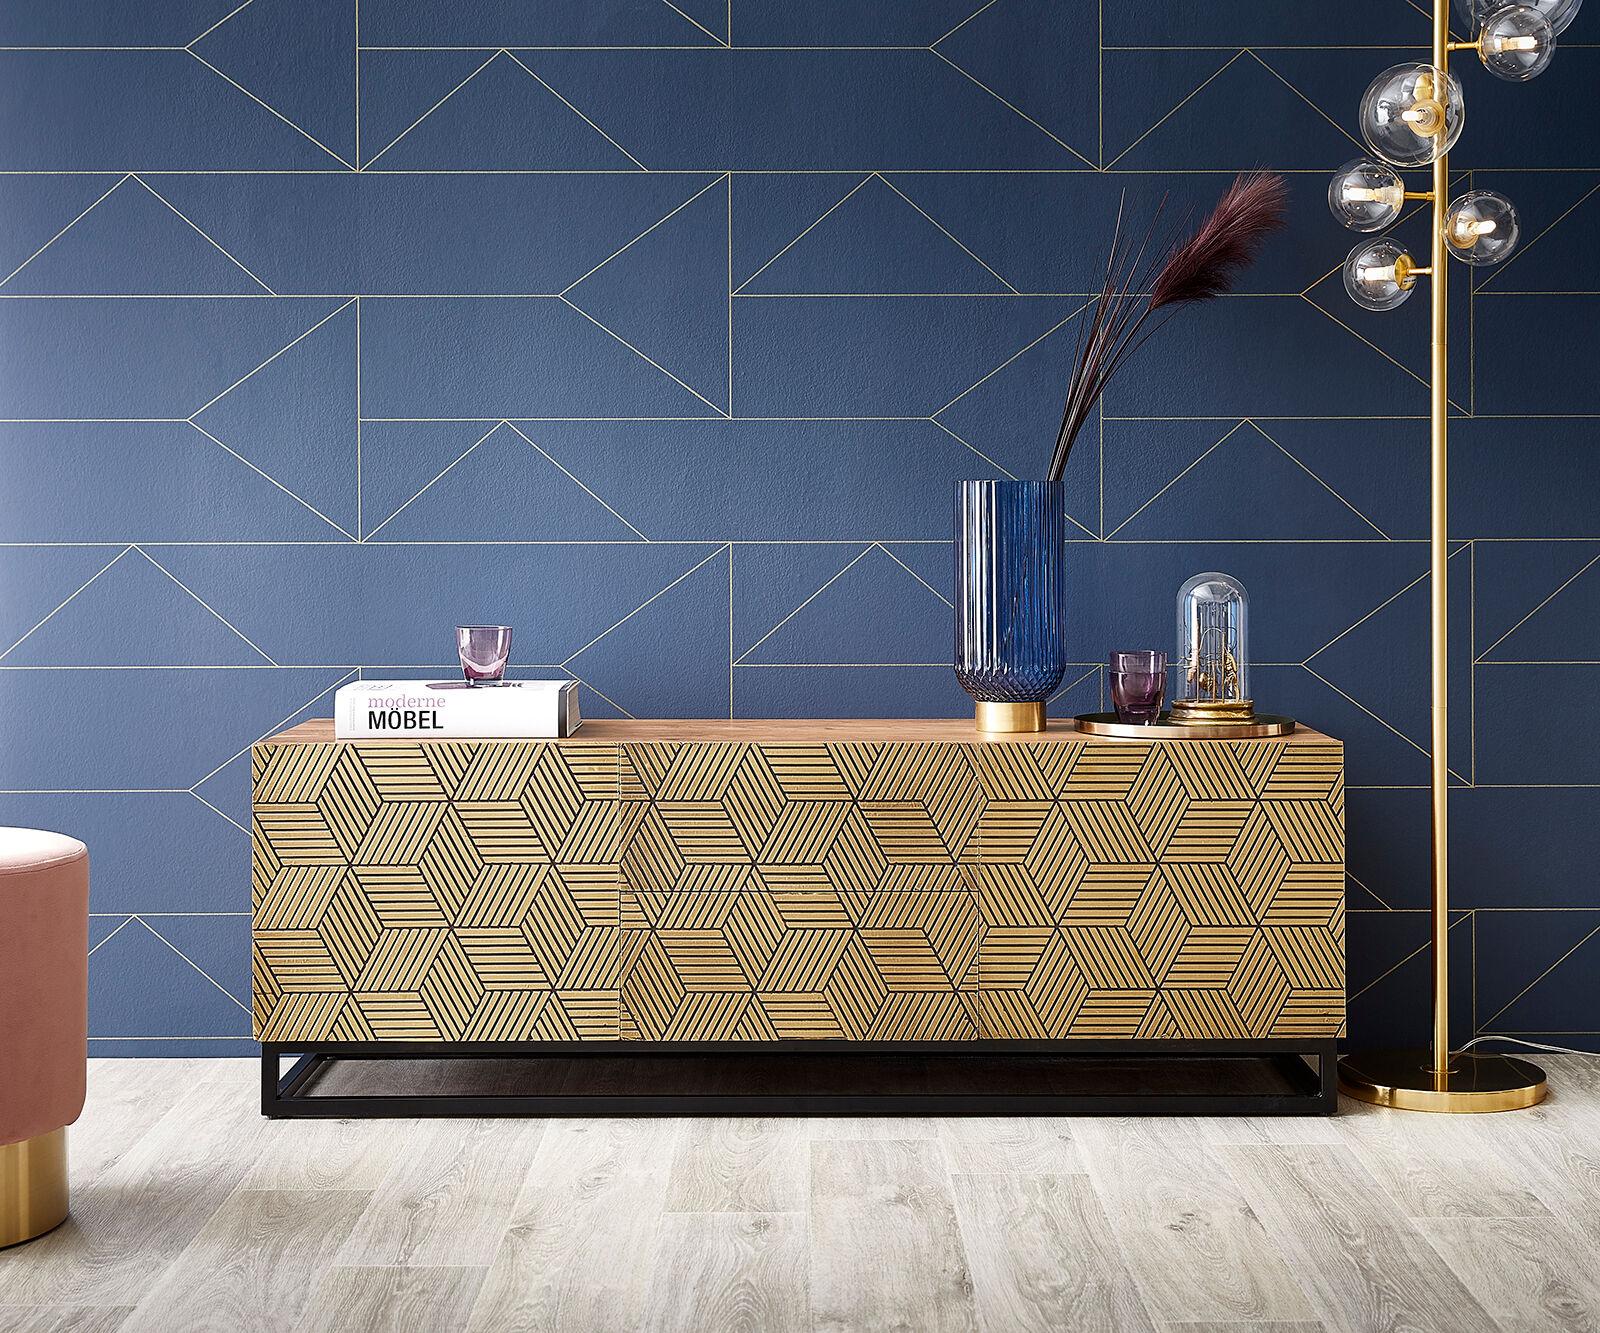 DELIFE Meuble-TV Oro 140x40x49 cm acacia placage cuivre nature cubes doré